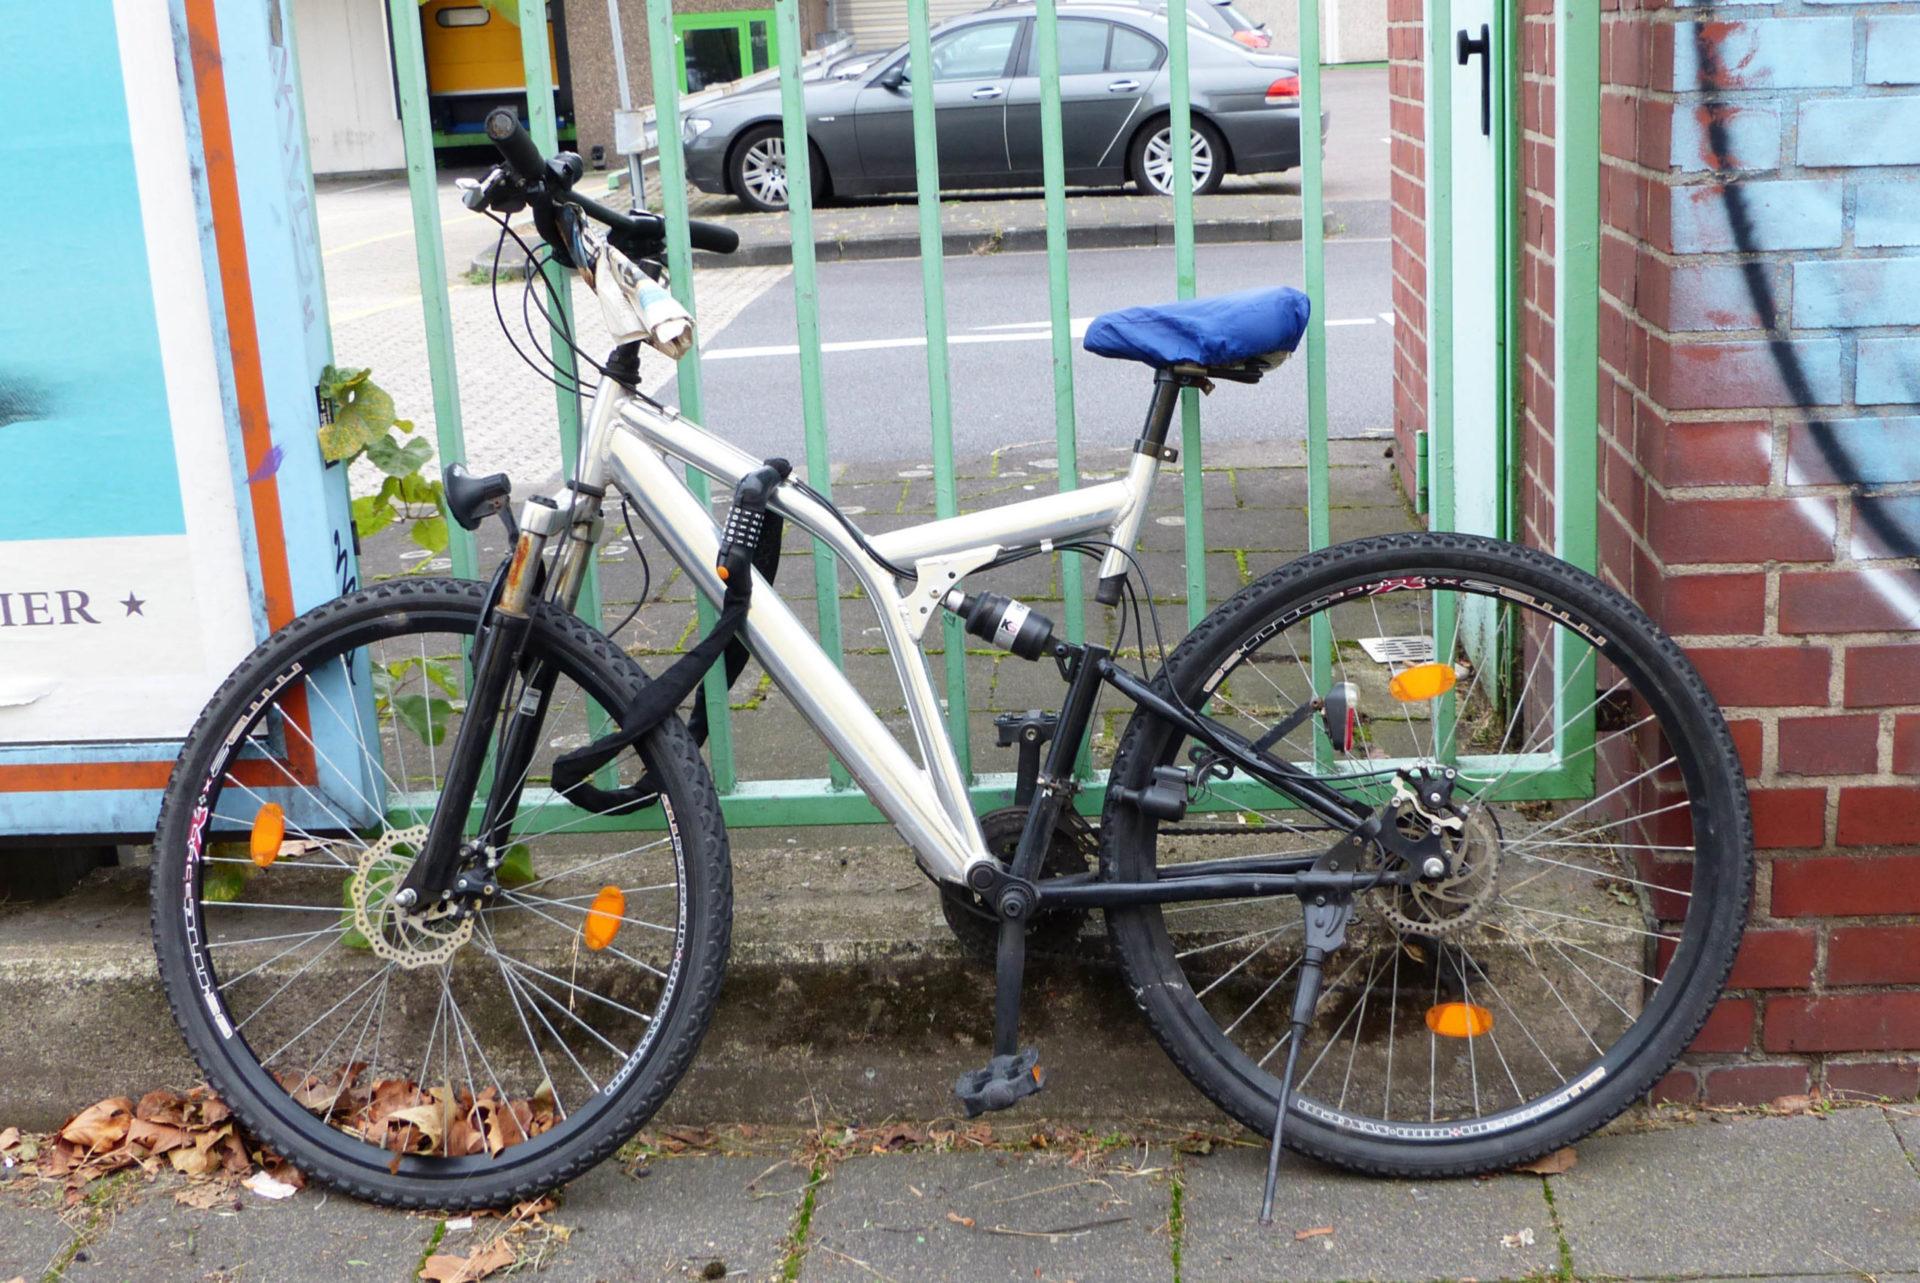 Fahrrad vor türkisen Zaun